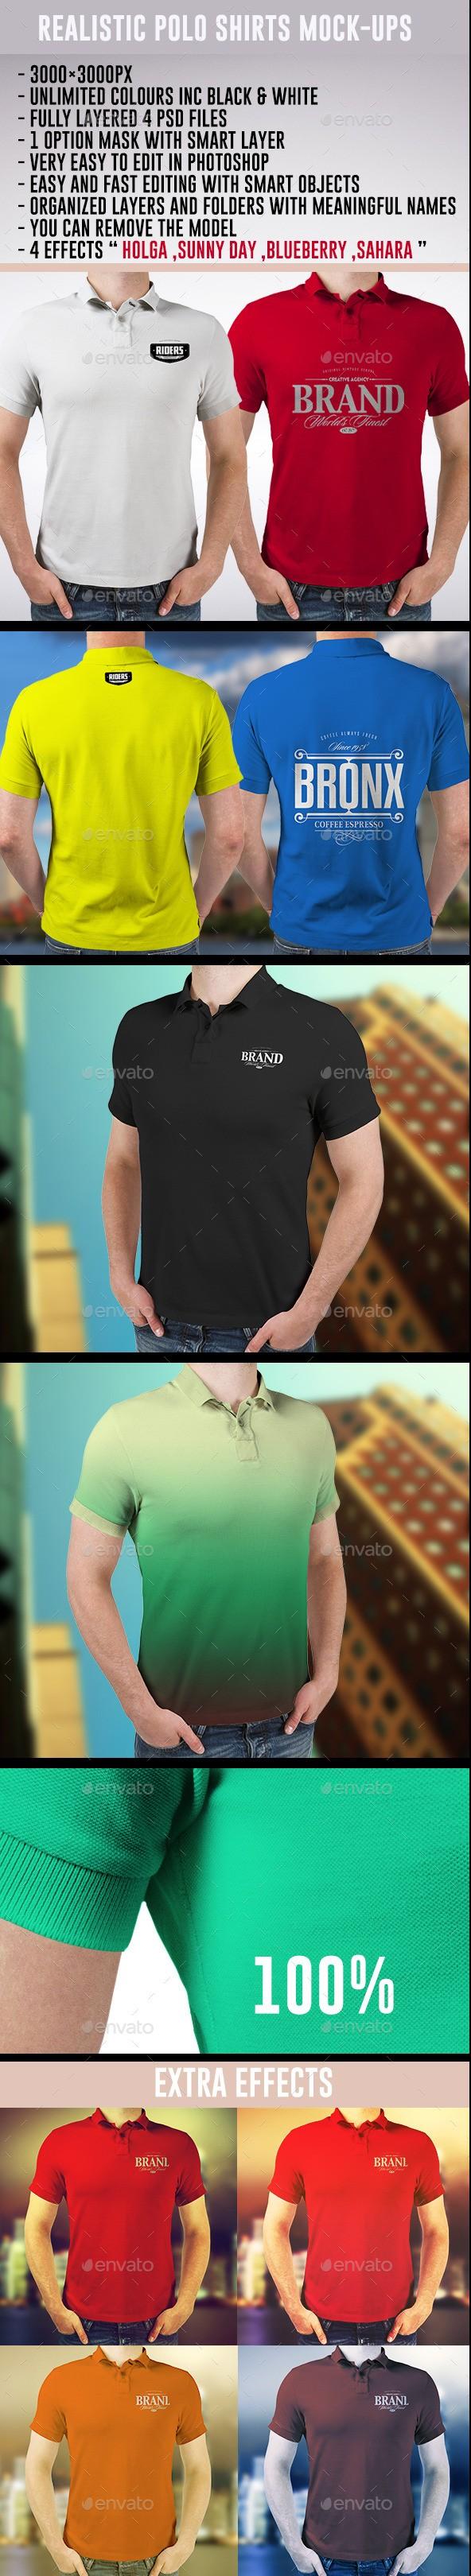 Realistic Polo Shirts Mockups